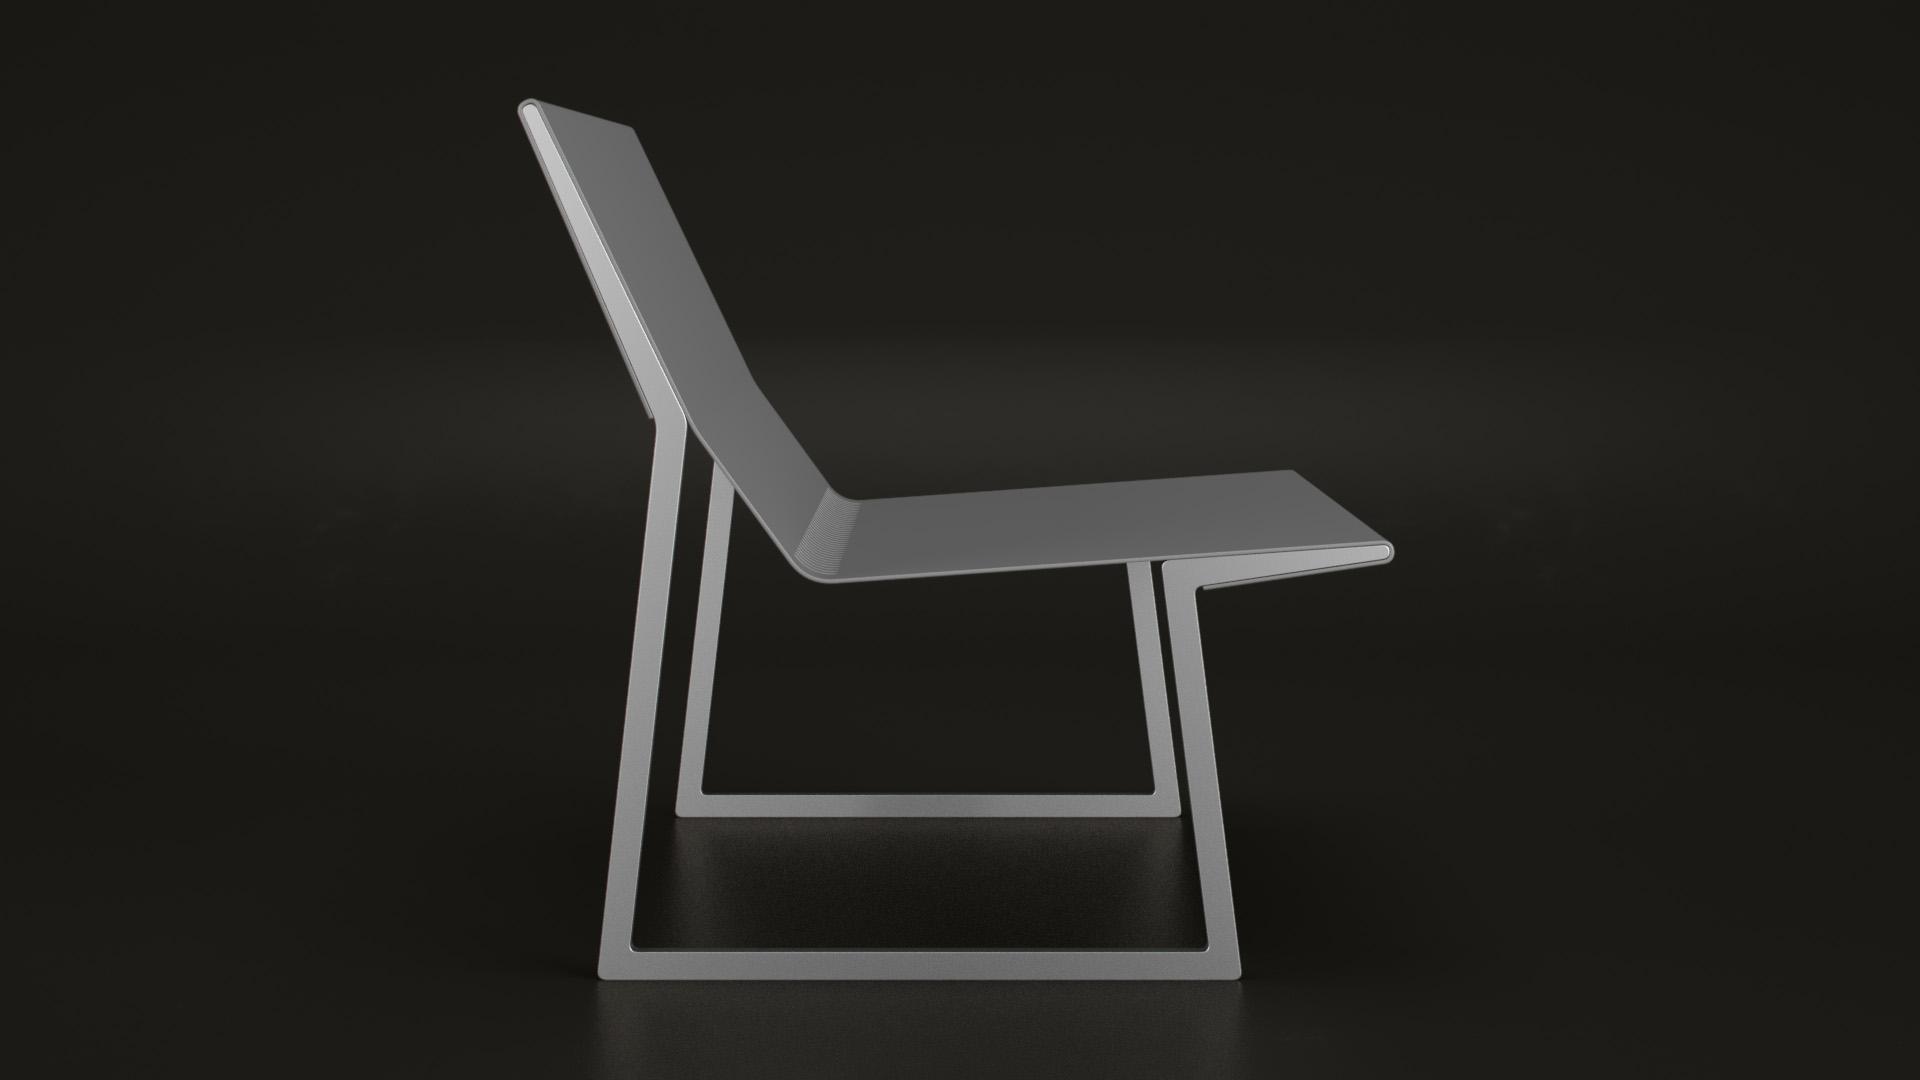 Tribu_Bird_Chair_BlackSet_01_V1.01_0002